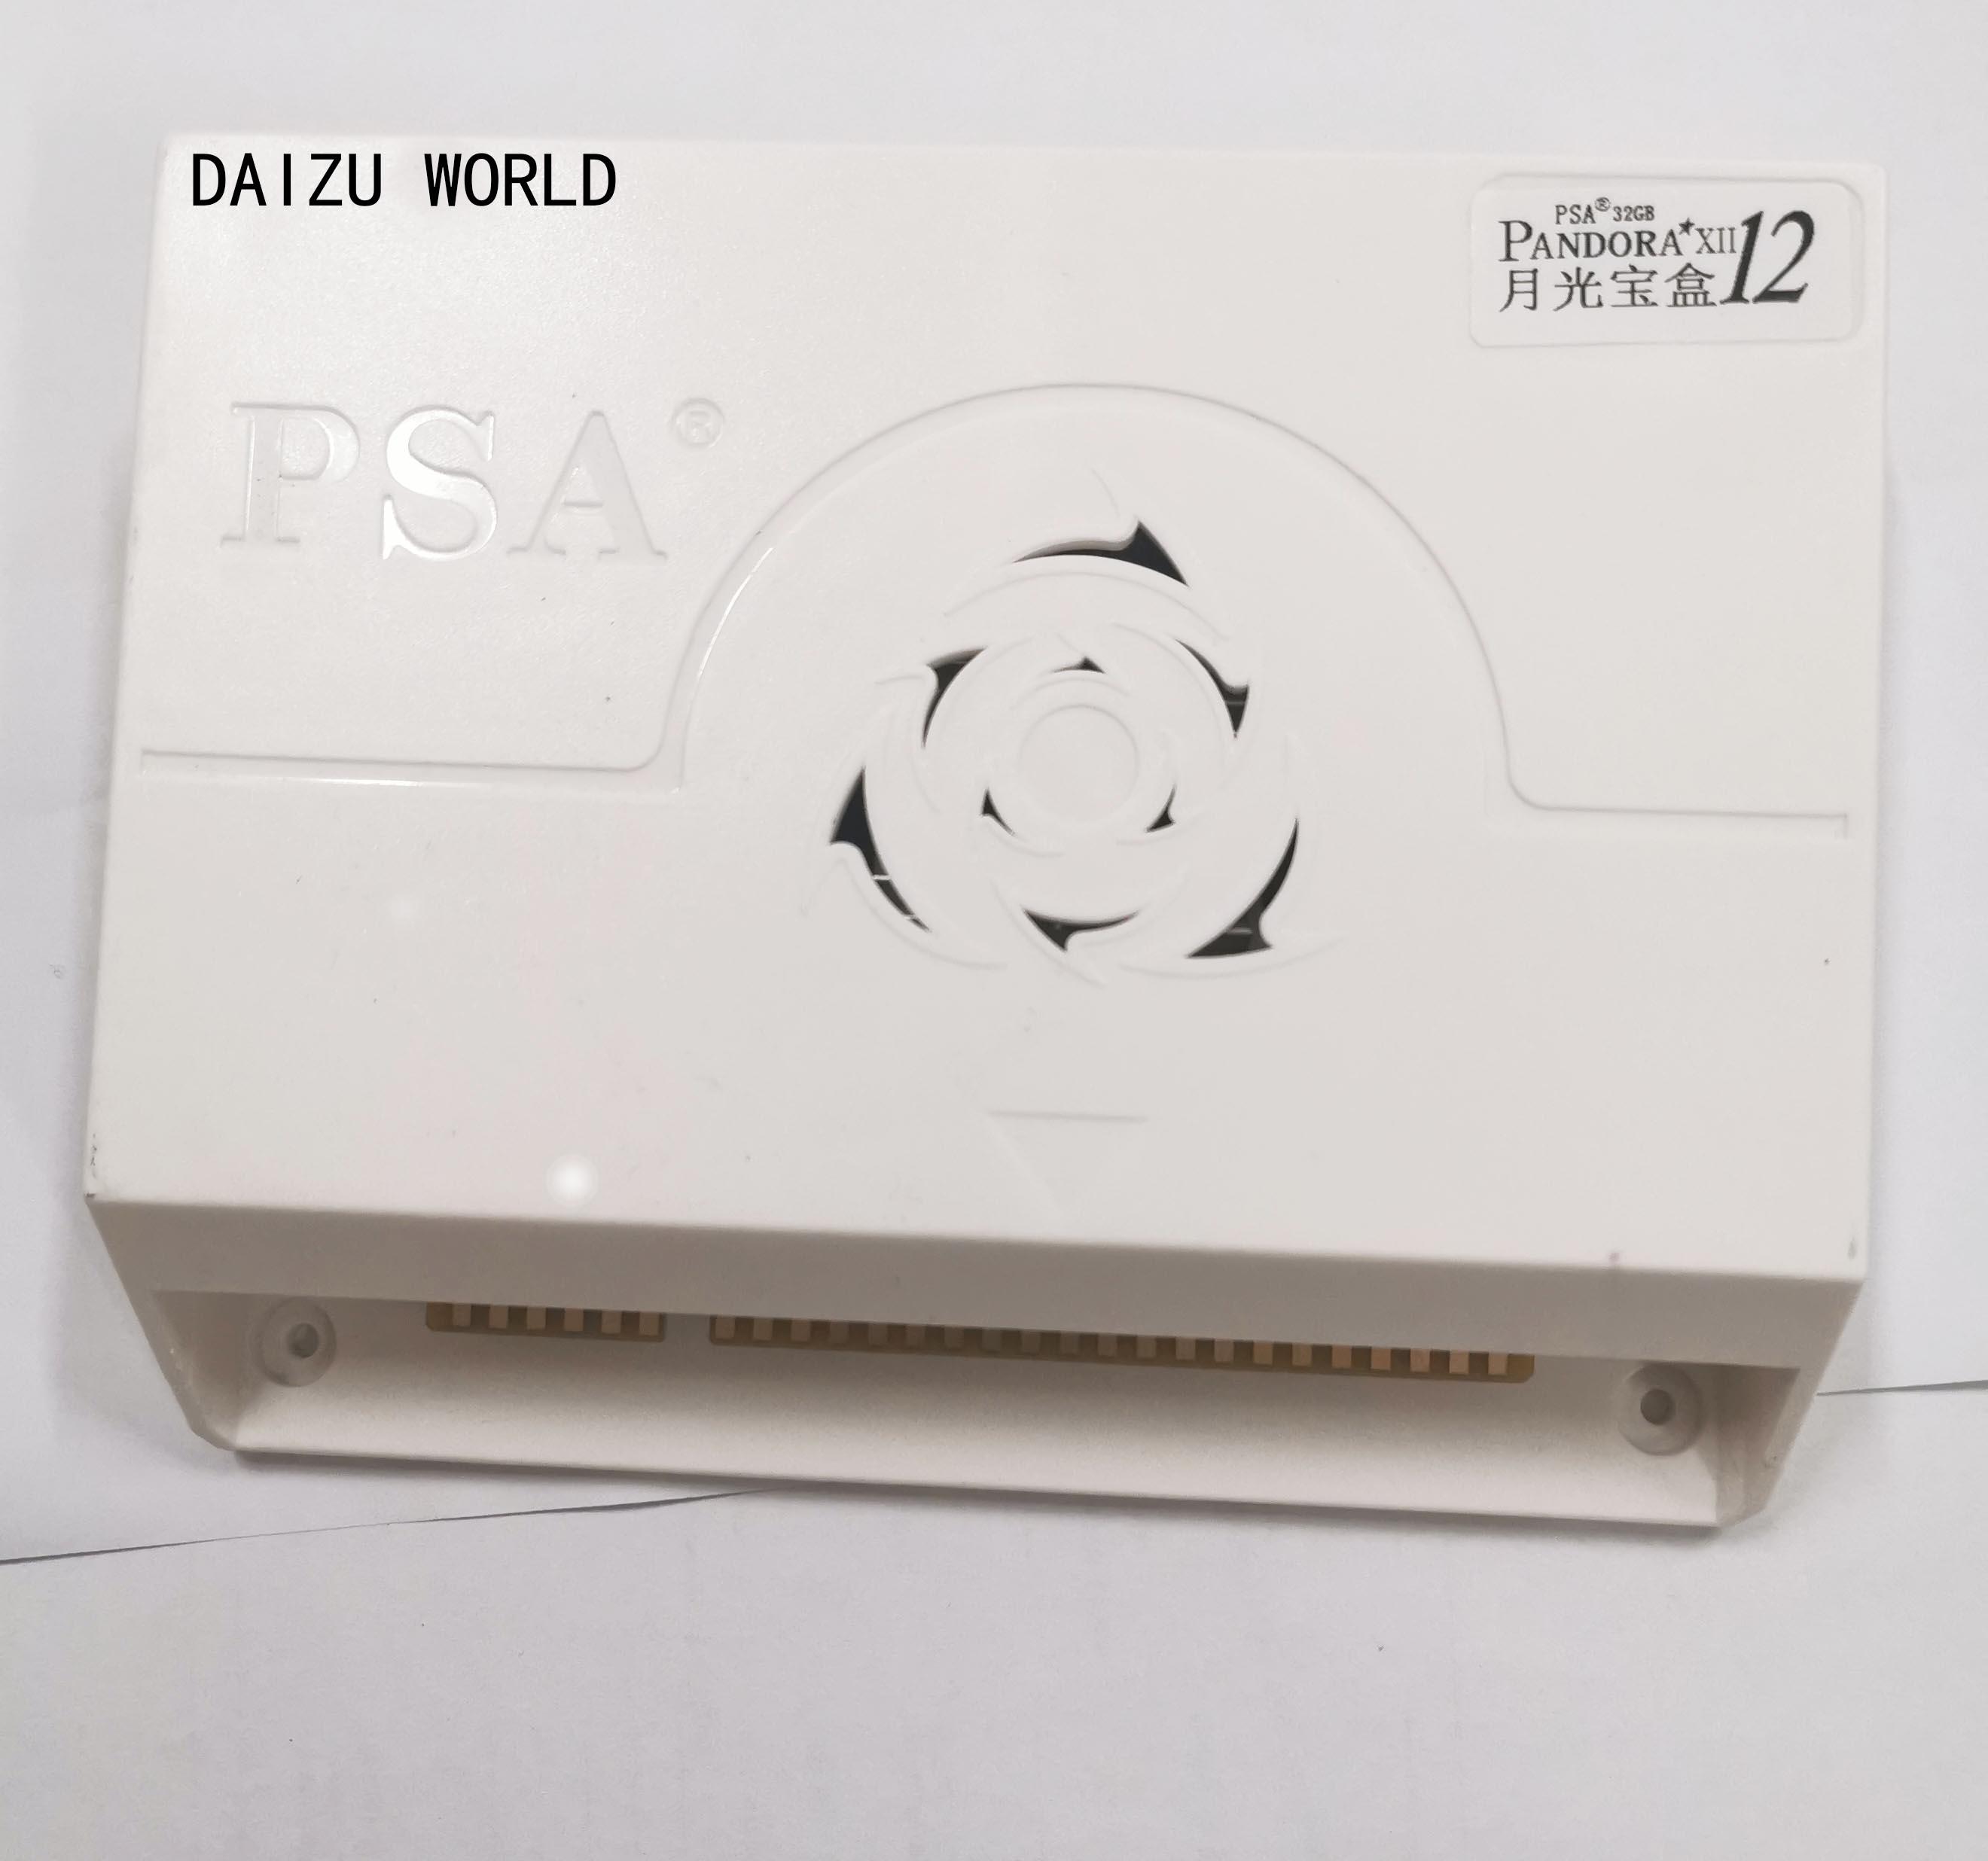 Бесплатная доставка 3188 в 1 Jamma мульти Pandora12 доска чехол аркада, сделай сам, Pandora шкаф видео игры, HDMI, VGA